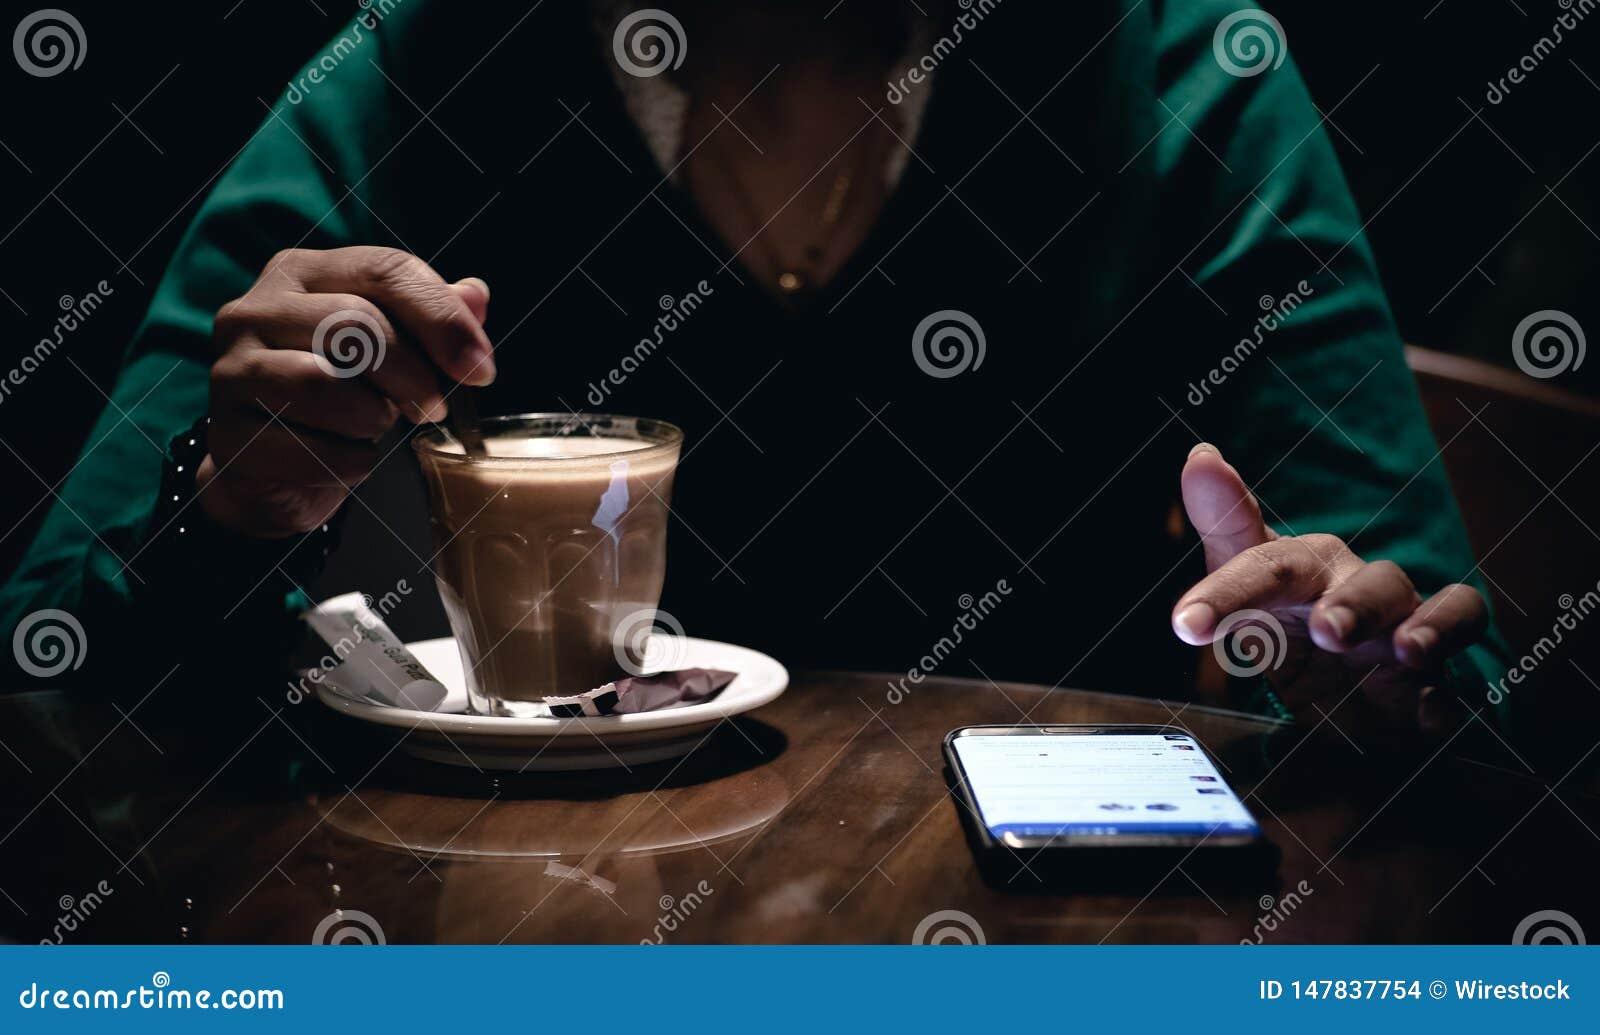 Eine erwachsene Frau unter Verwendung ihres Telefons und trinkenden Kaffees in einer Dunkelkammer